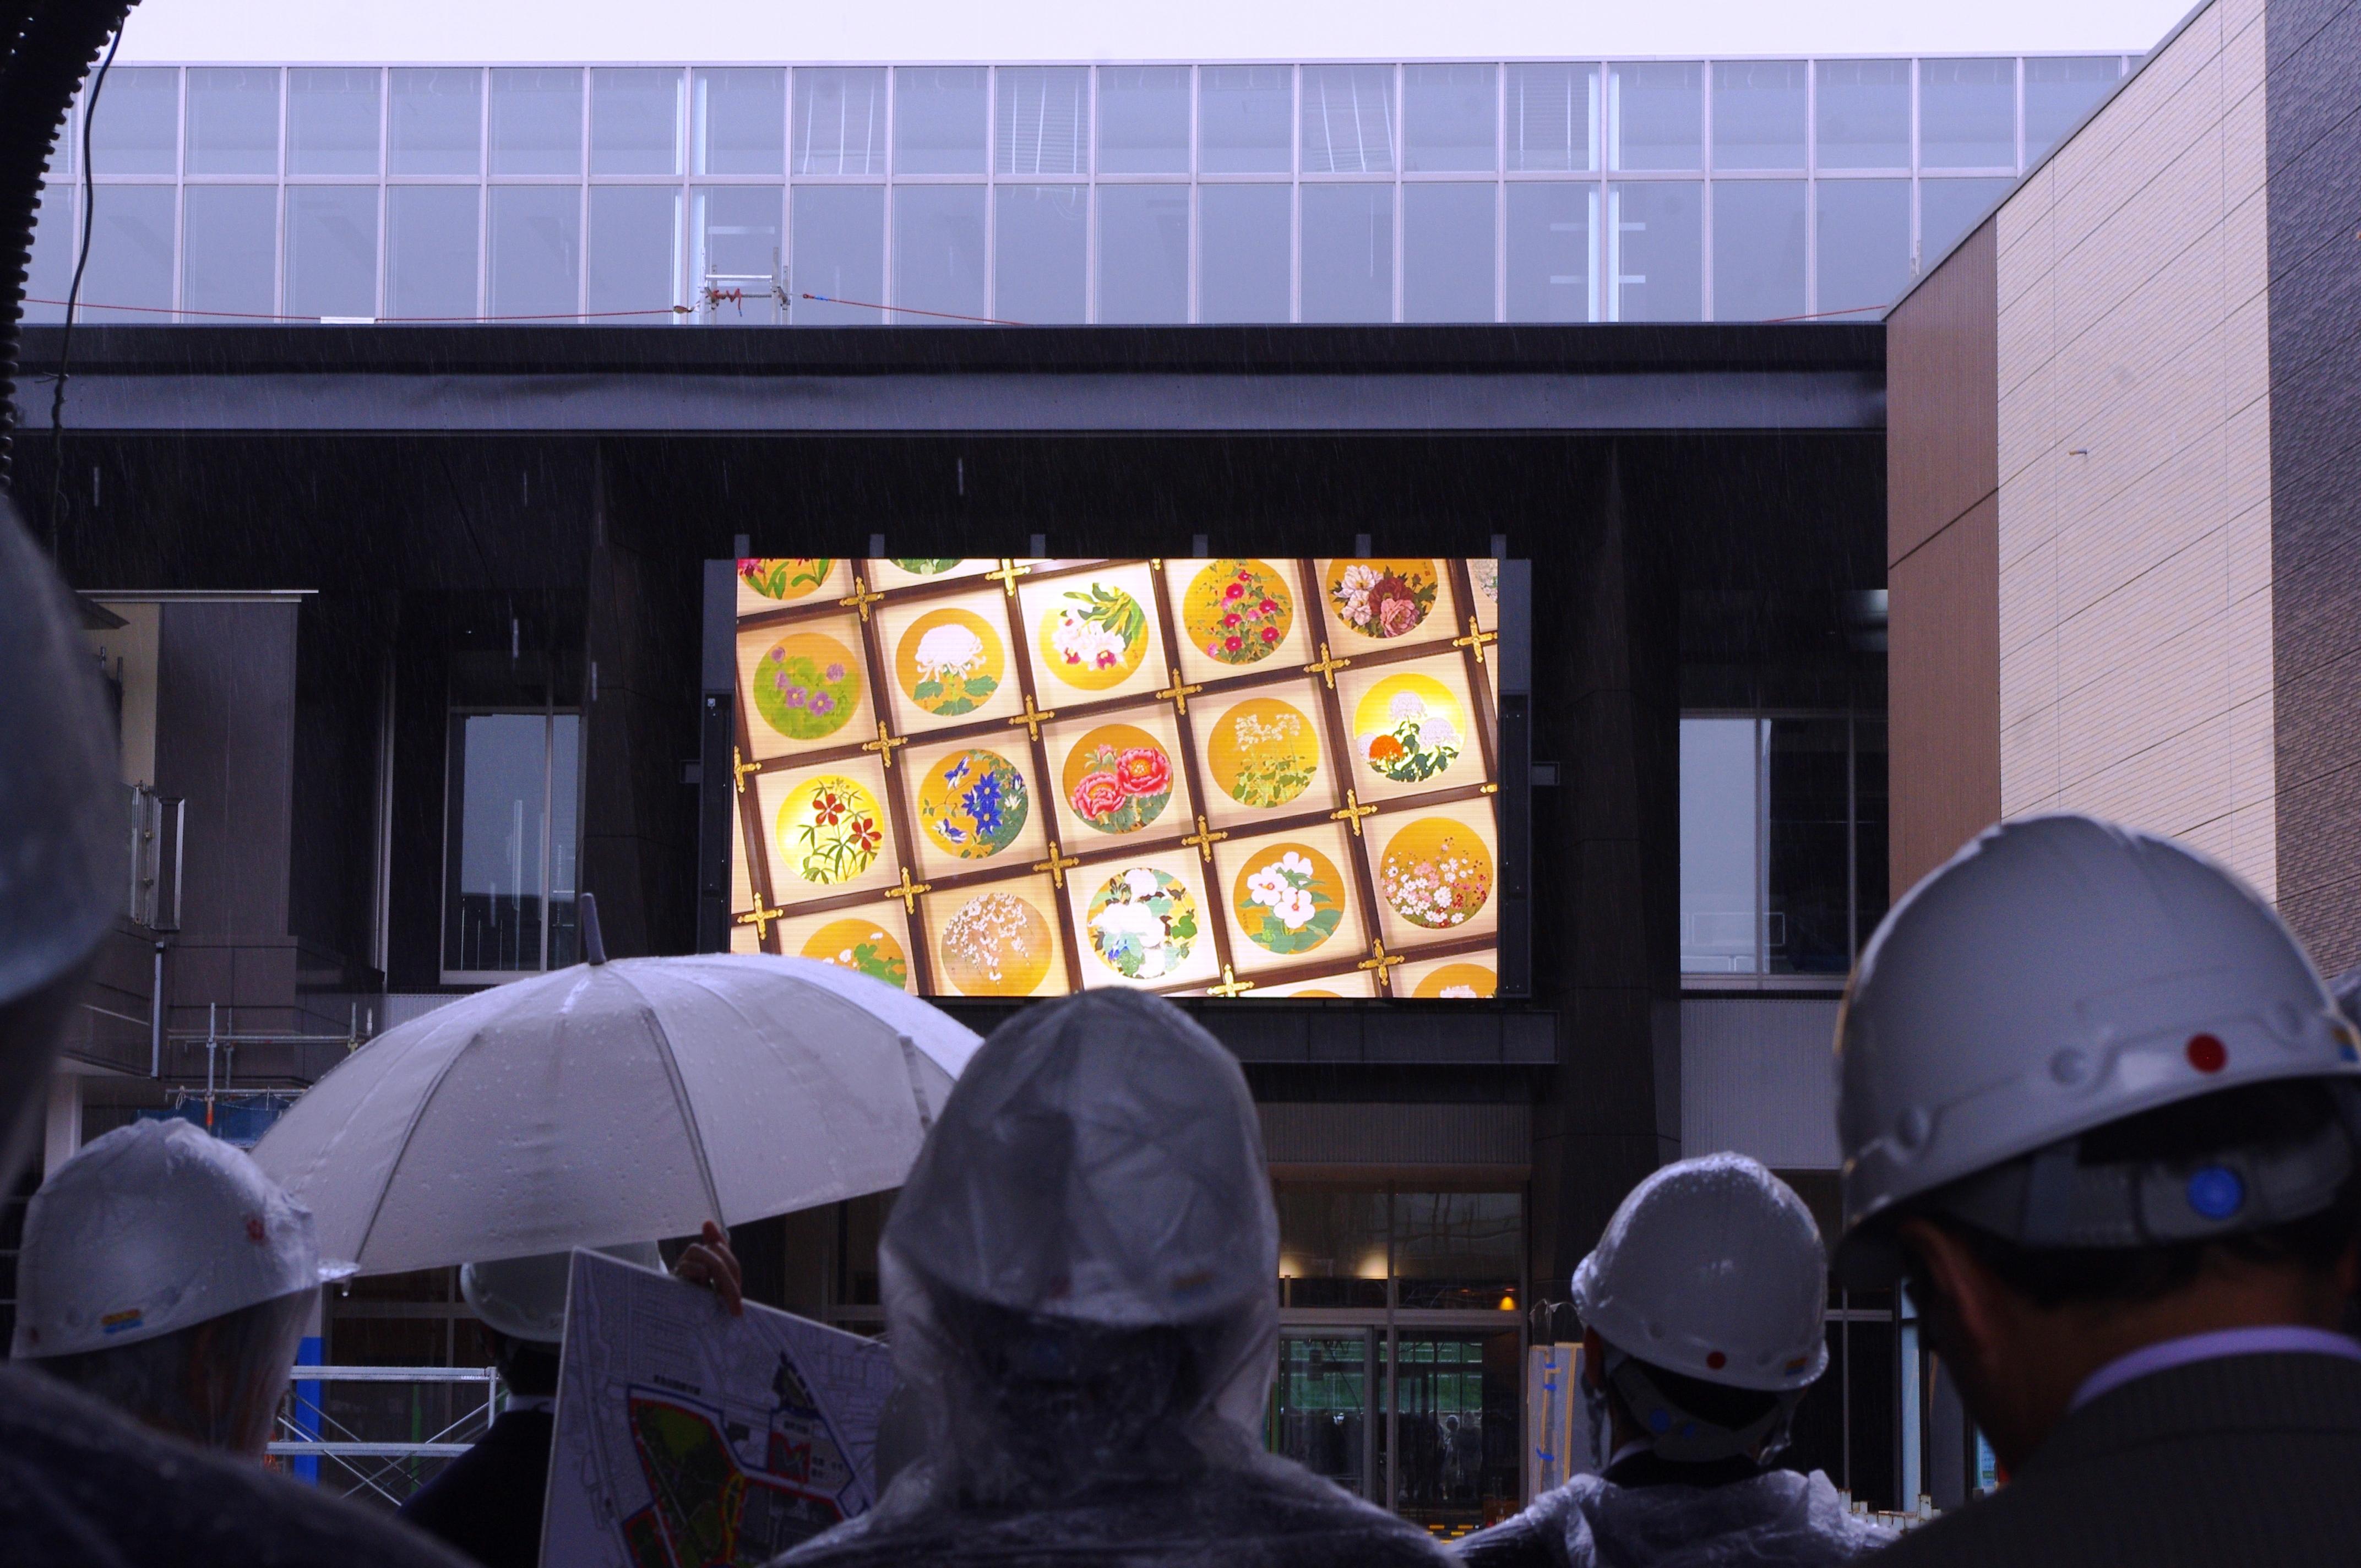 スヌーピーミュージアムのチケットは販売開始!「南町田グランベリーパーク」駅は急行停車駅として発進!